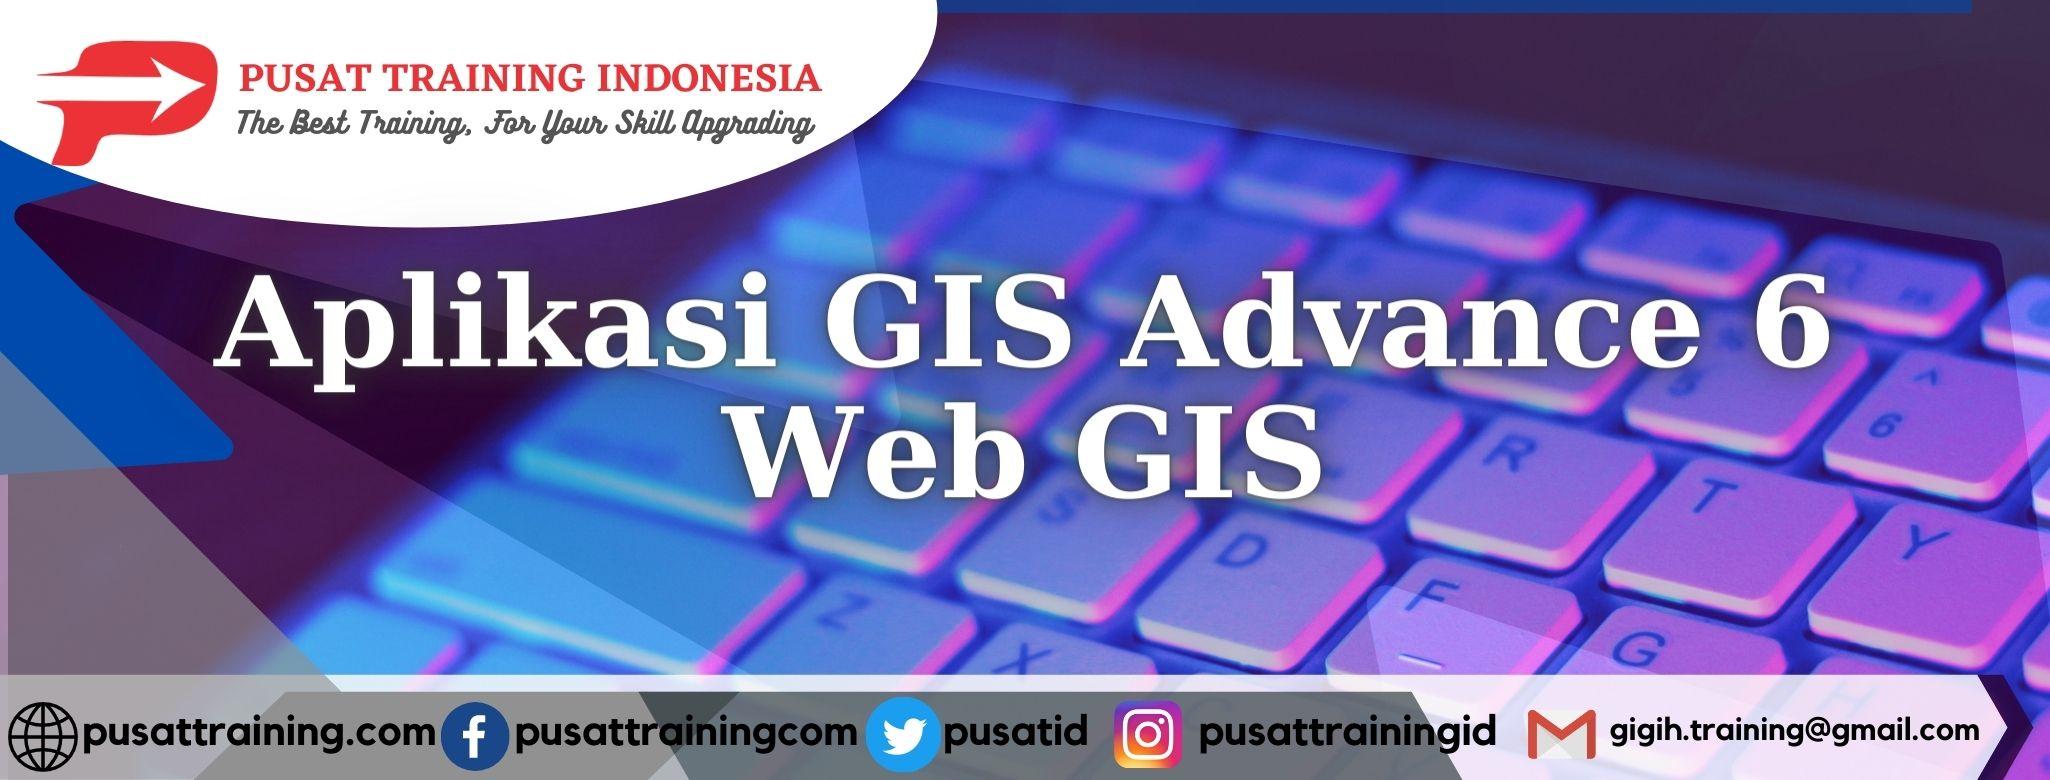 Aplikasi-GIS-Advance-6-Web-GIS